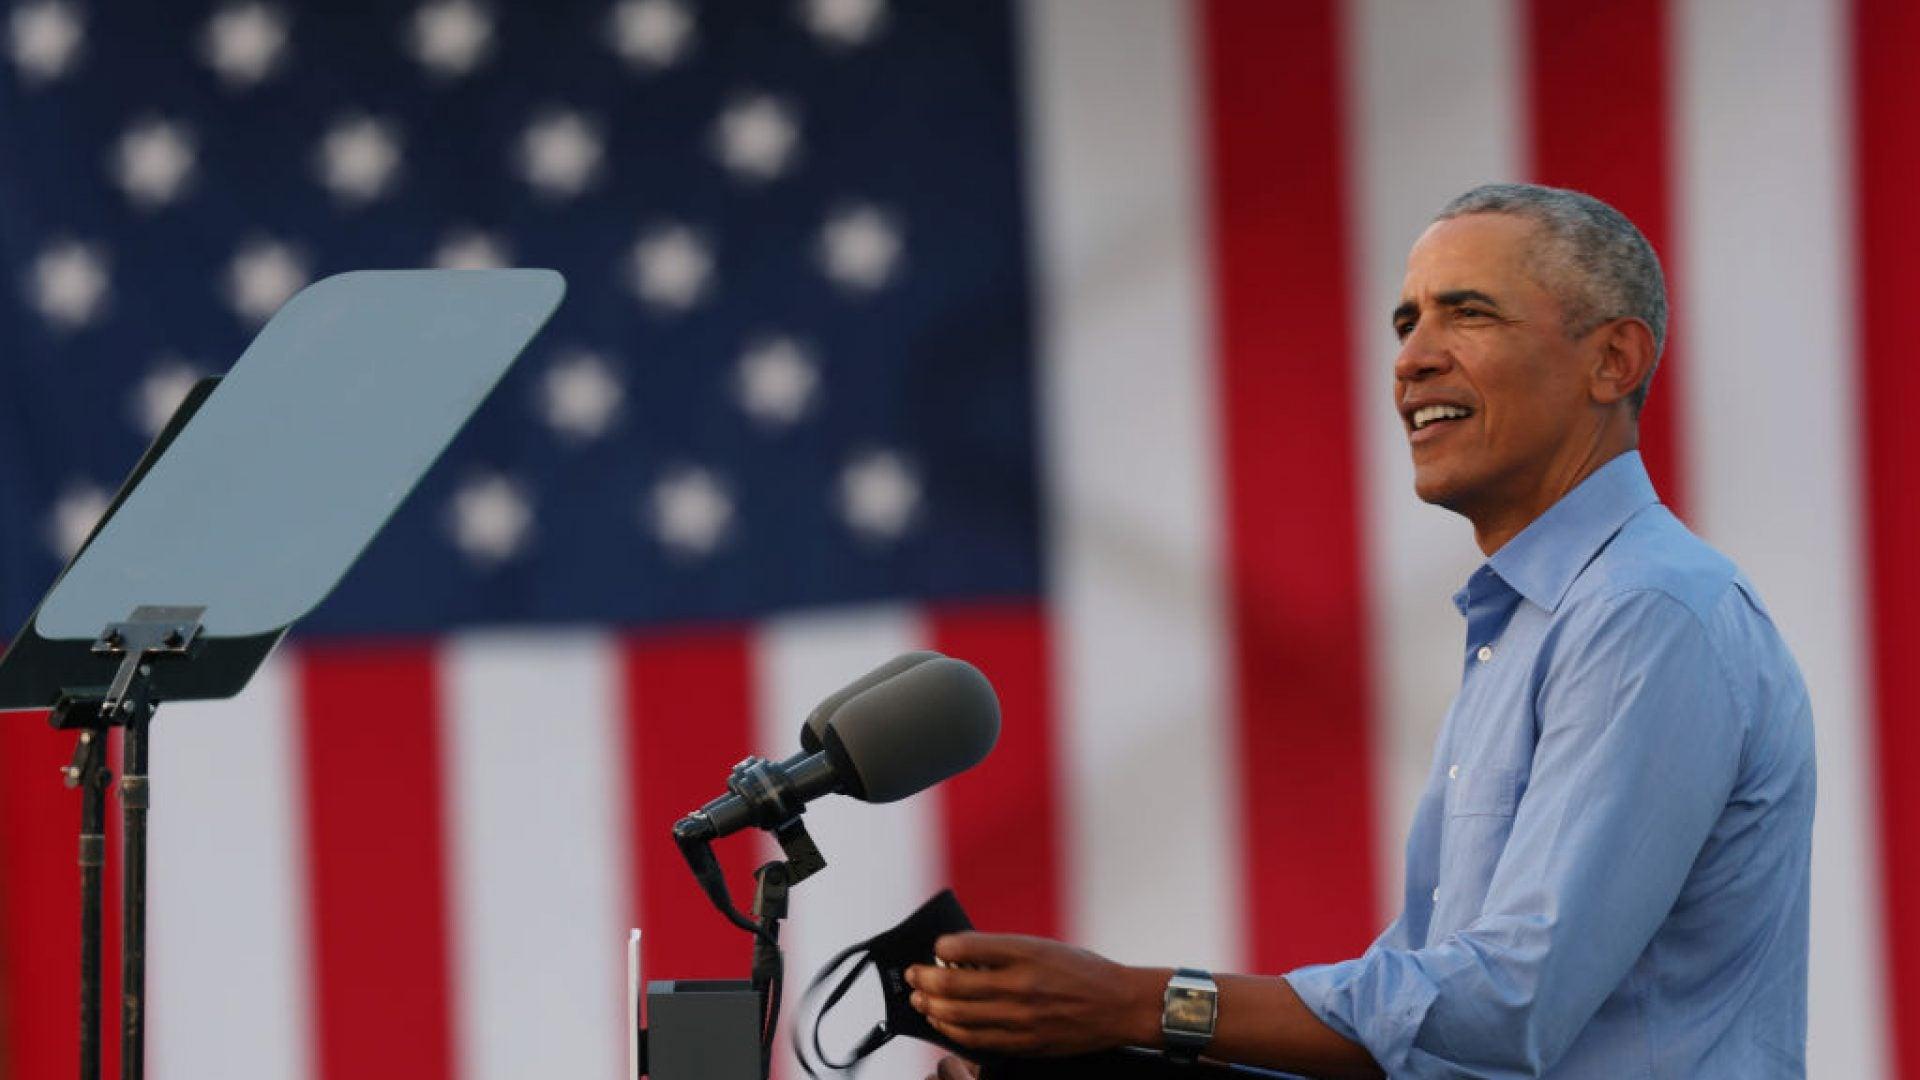 Barack Obama Speaks At Joe Biden Drive-In Rally In Philadelphia